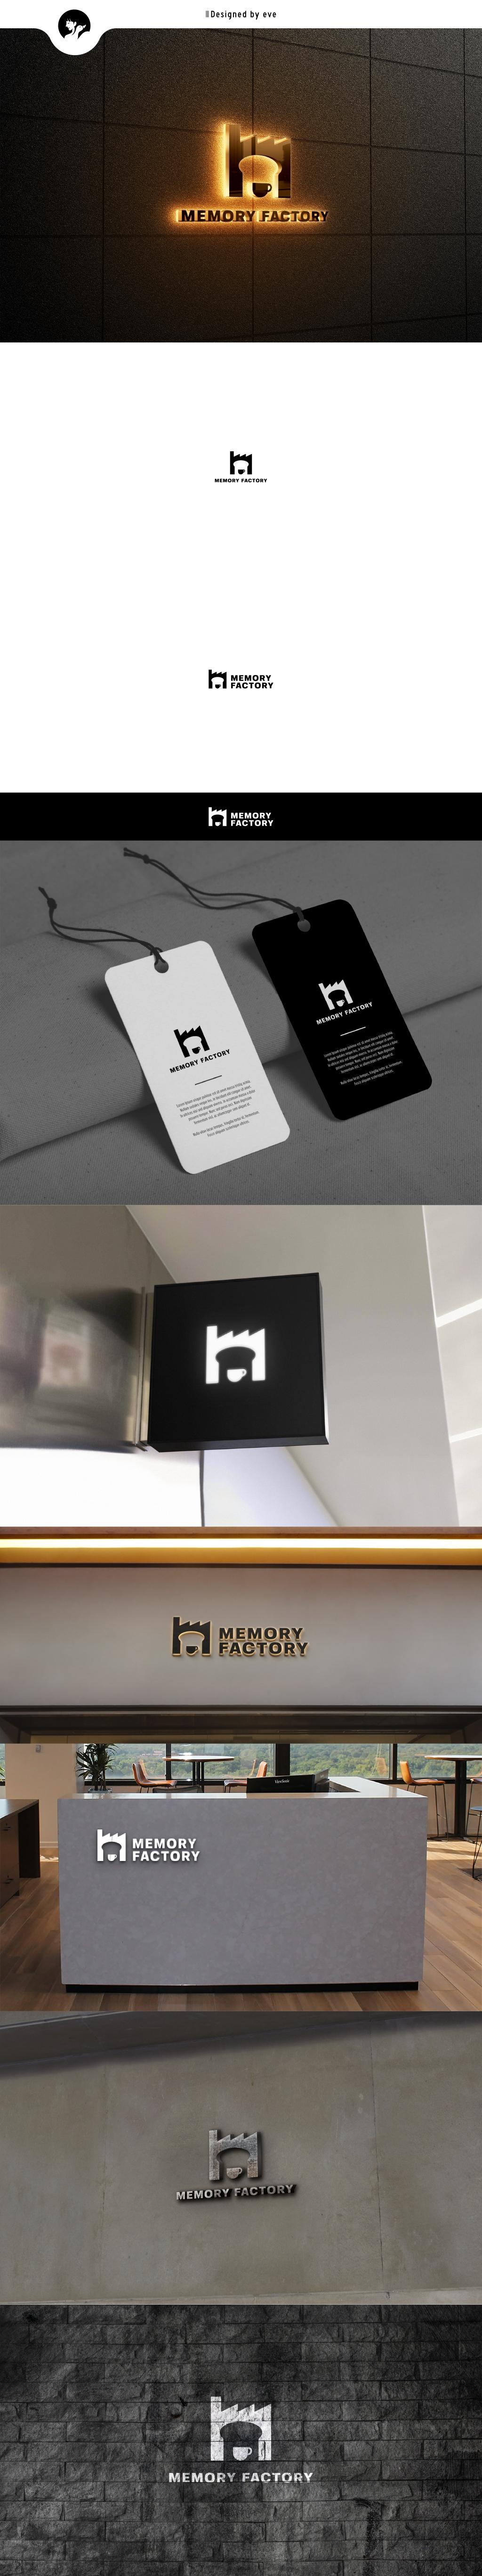 로고 디자인   베이커리 카페 로고 디자인 의뢰   라우드소싱 포트폴리오